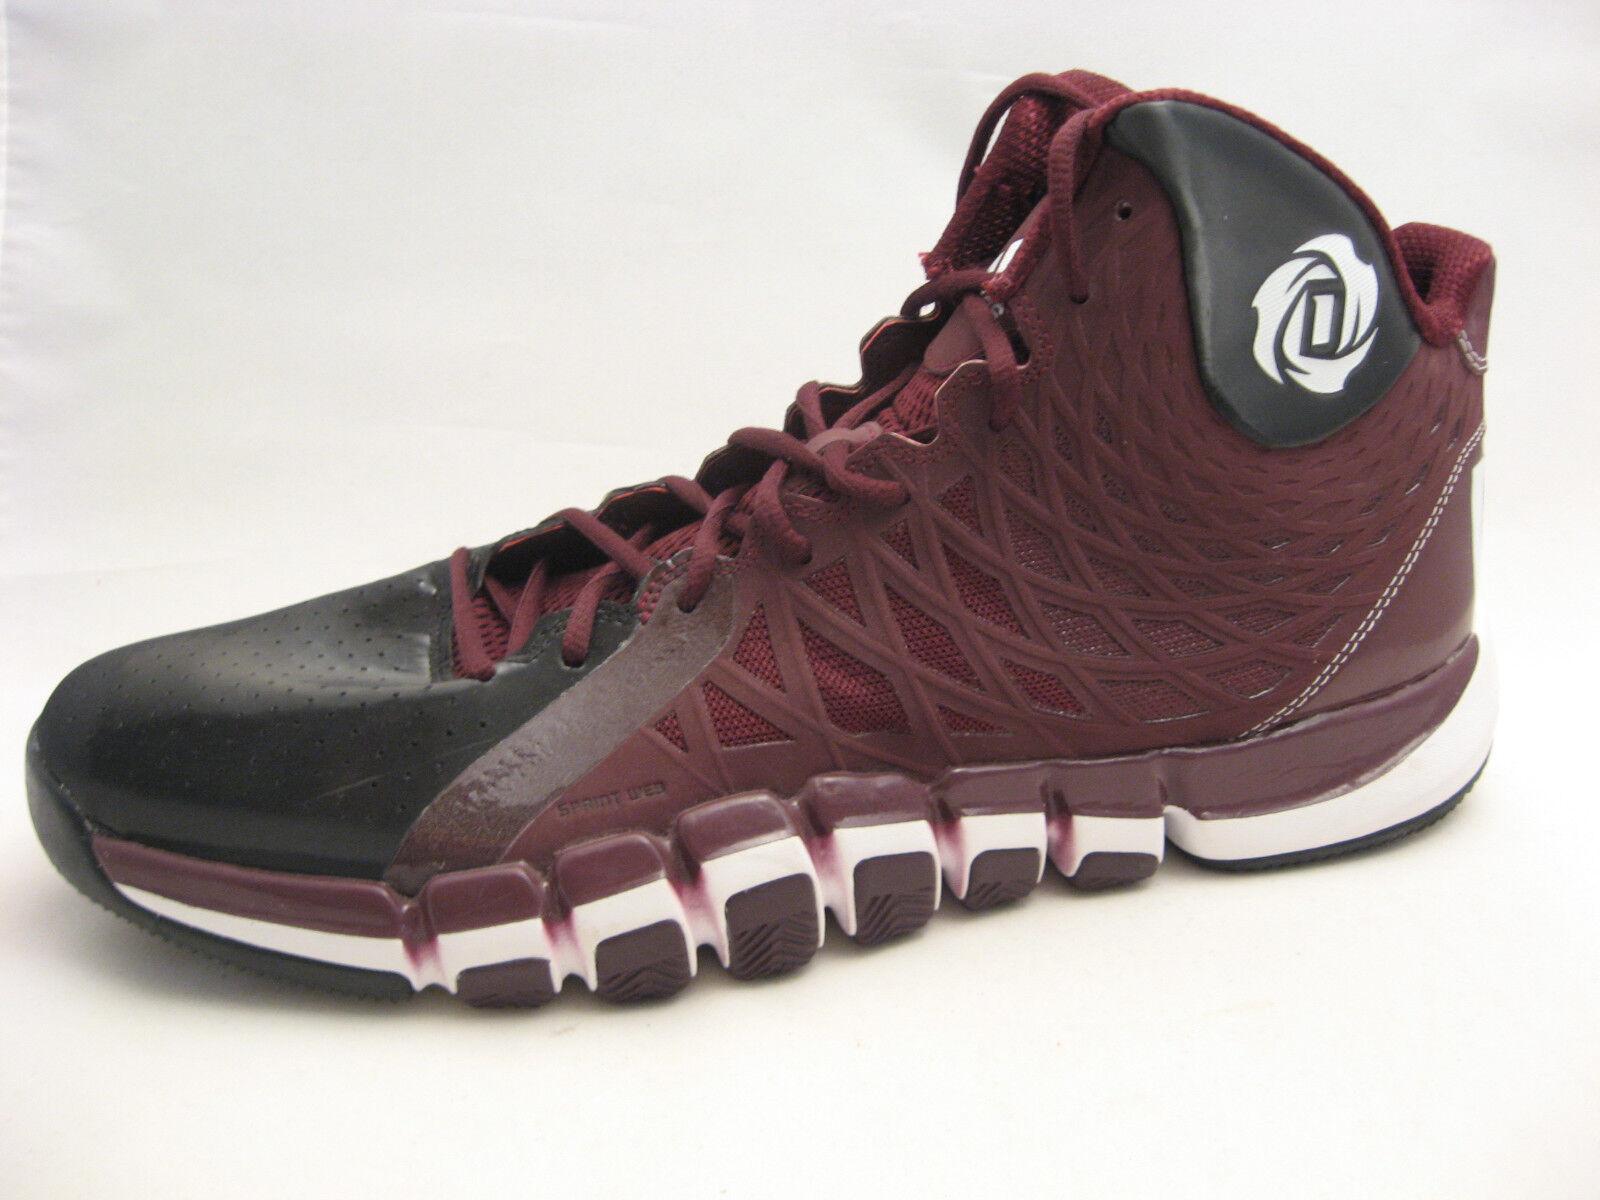 Adidas s rose 773 ii scarpe da basket dimensioni 17 maroon borgogna